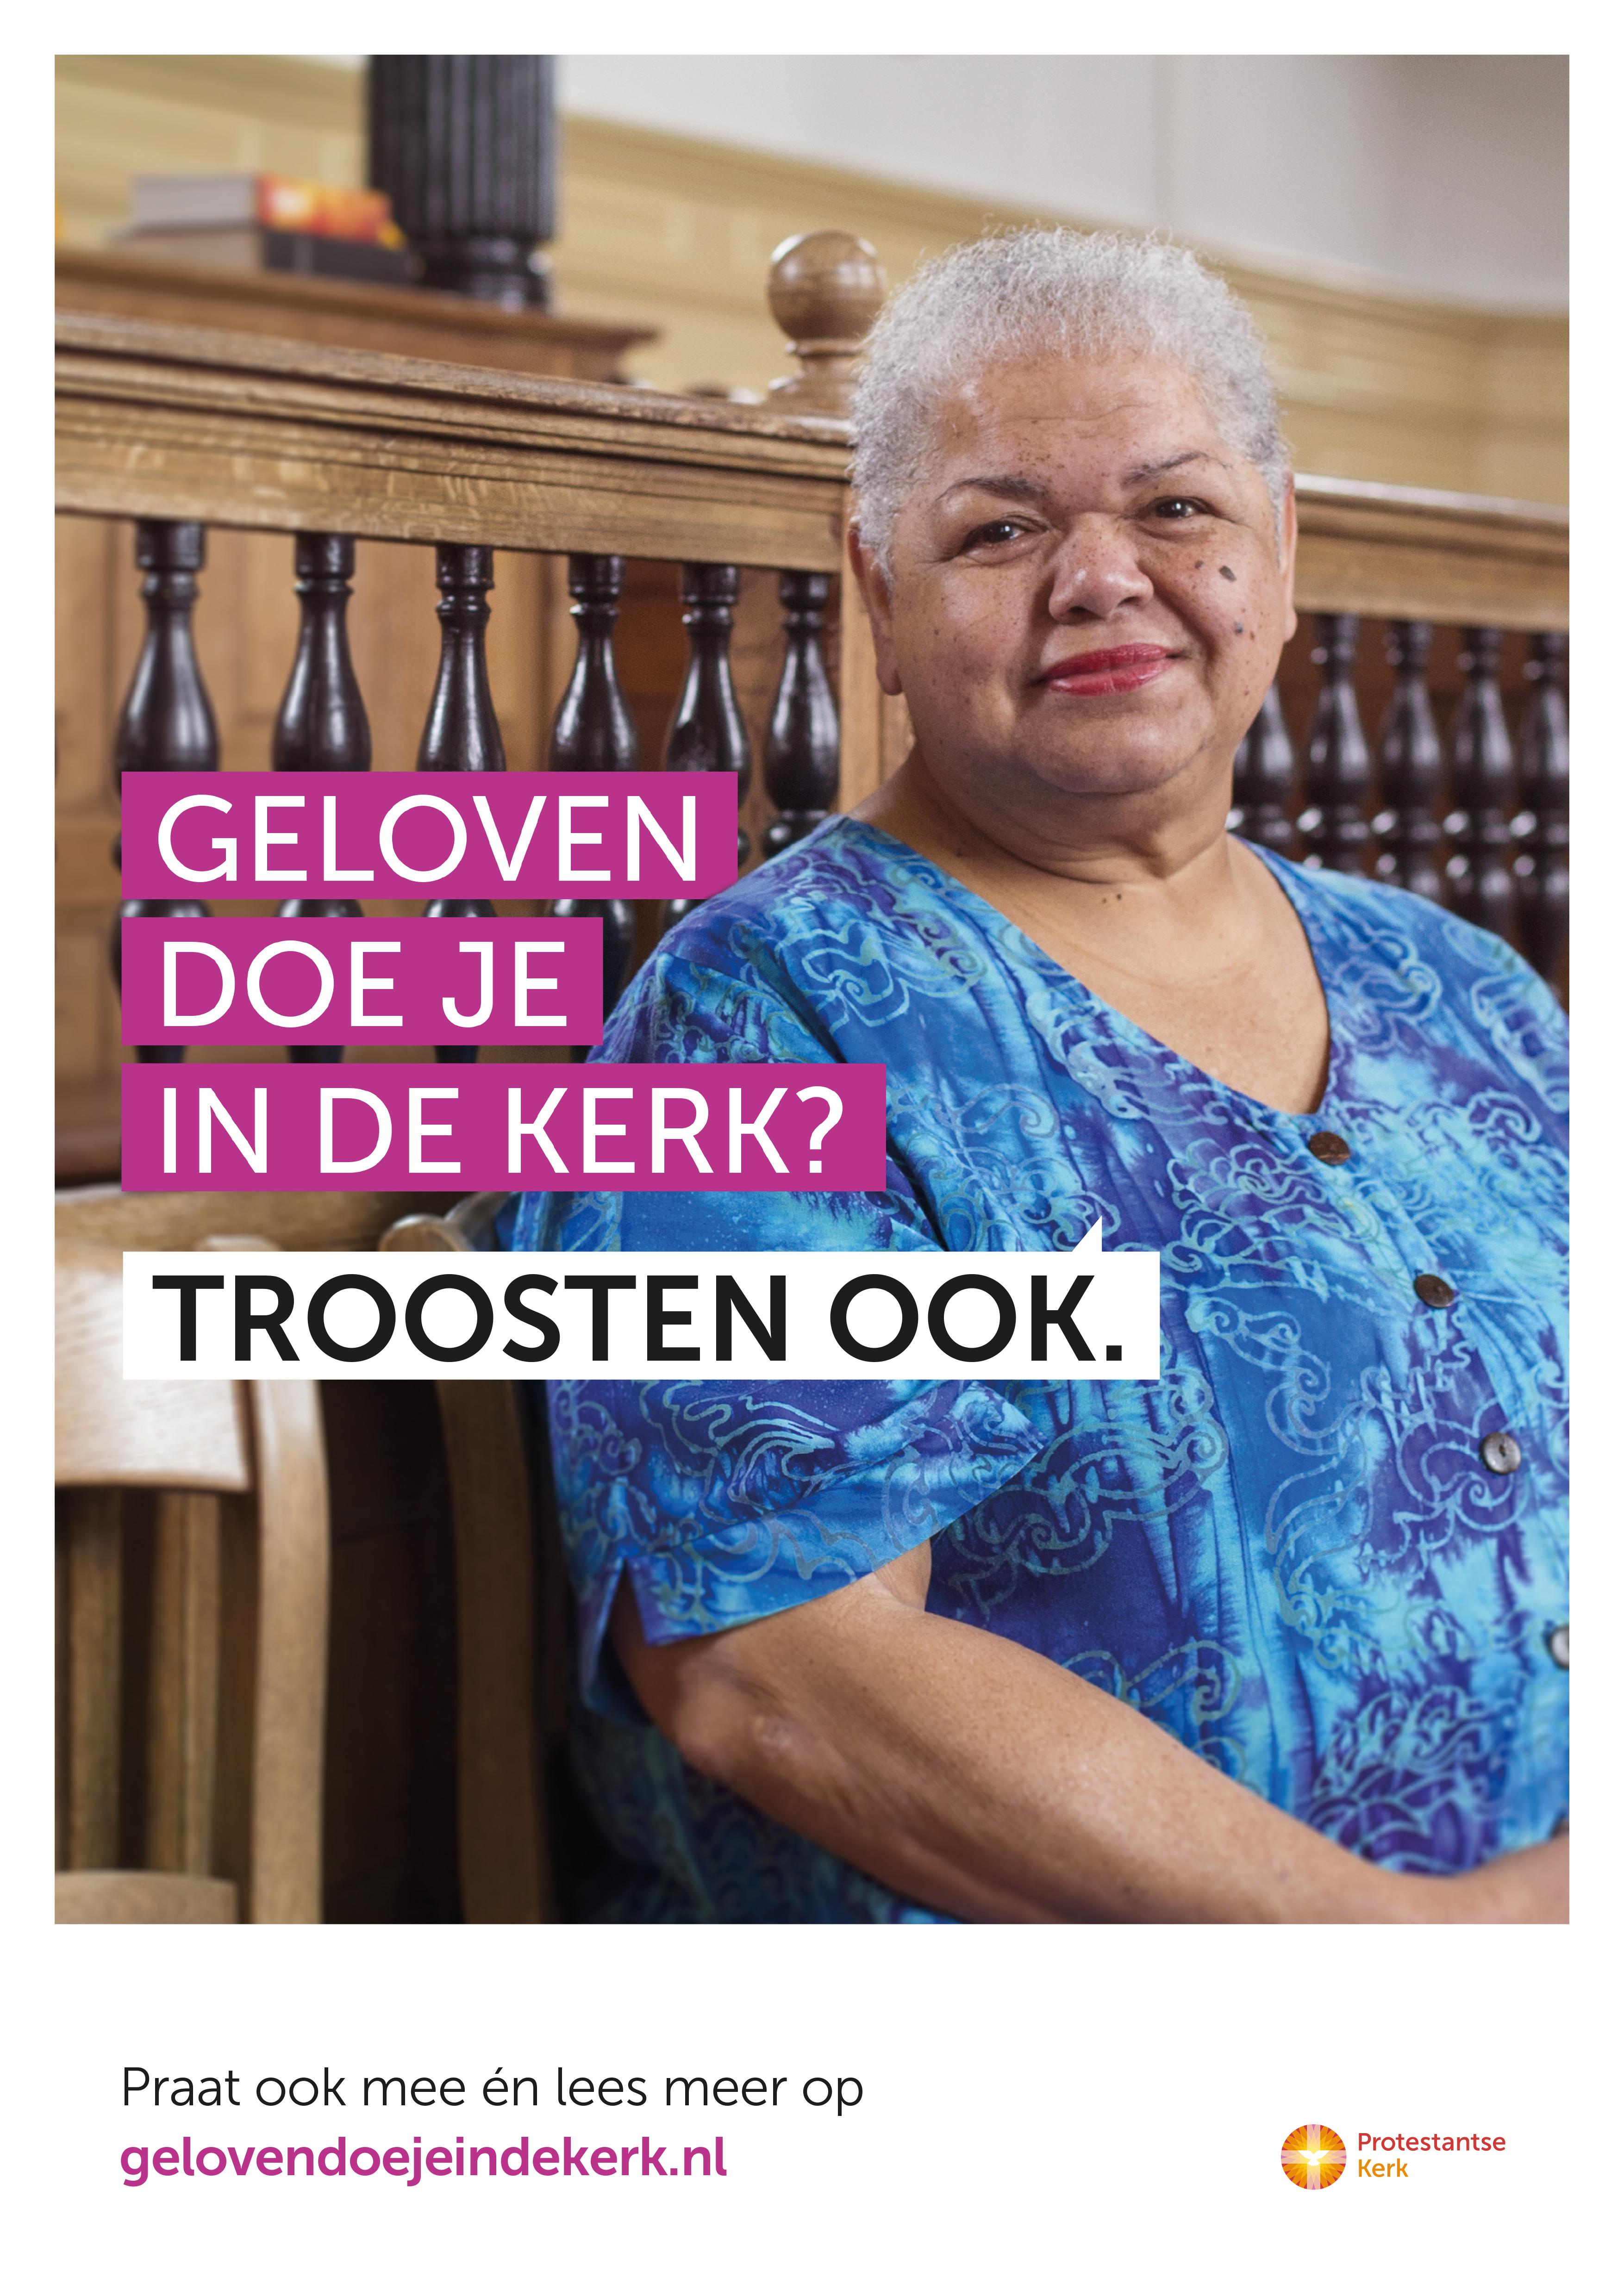 http://pkn-gravenpolder.nl/wp-content/uploads/2017/01/Print_Yolanda.jpg